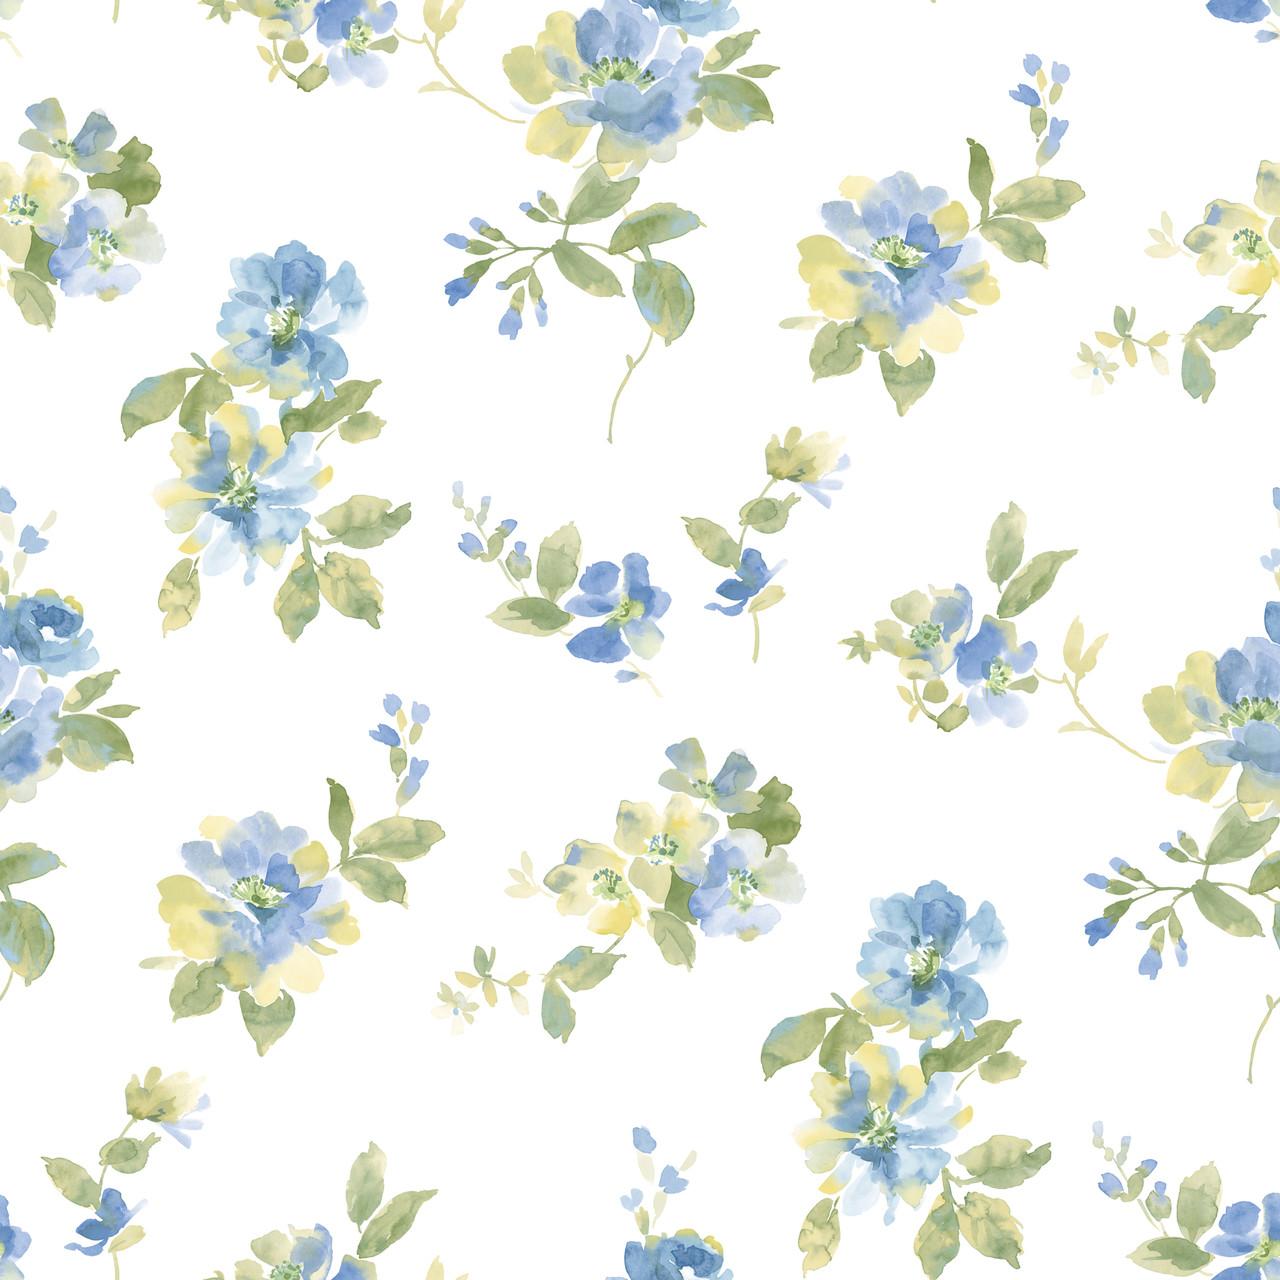 Captiva Blue Watercolor Floral Dlr54591 Wallpaper